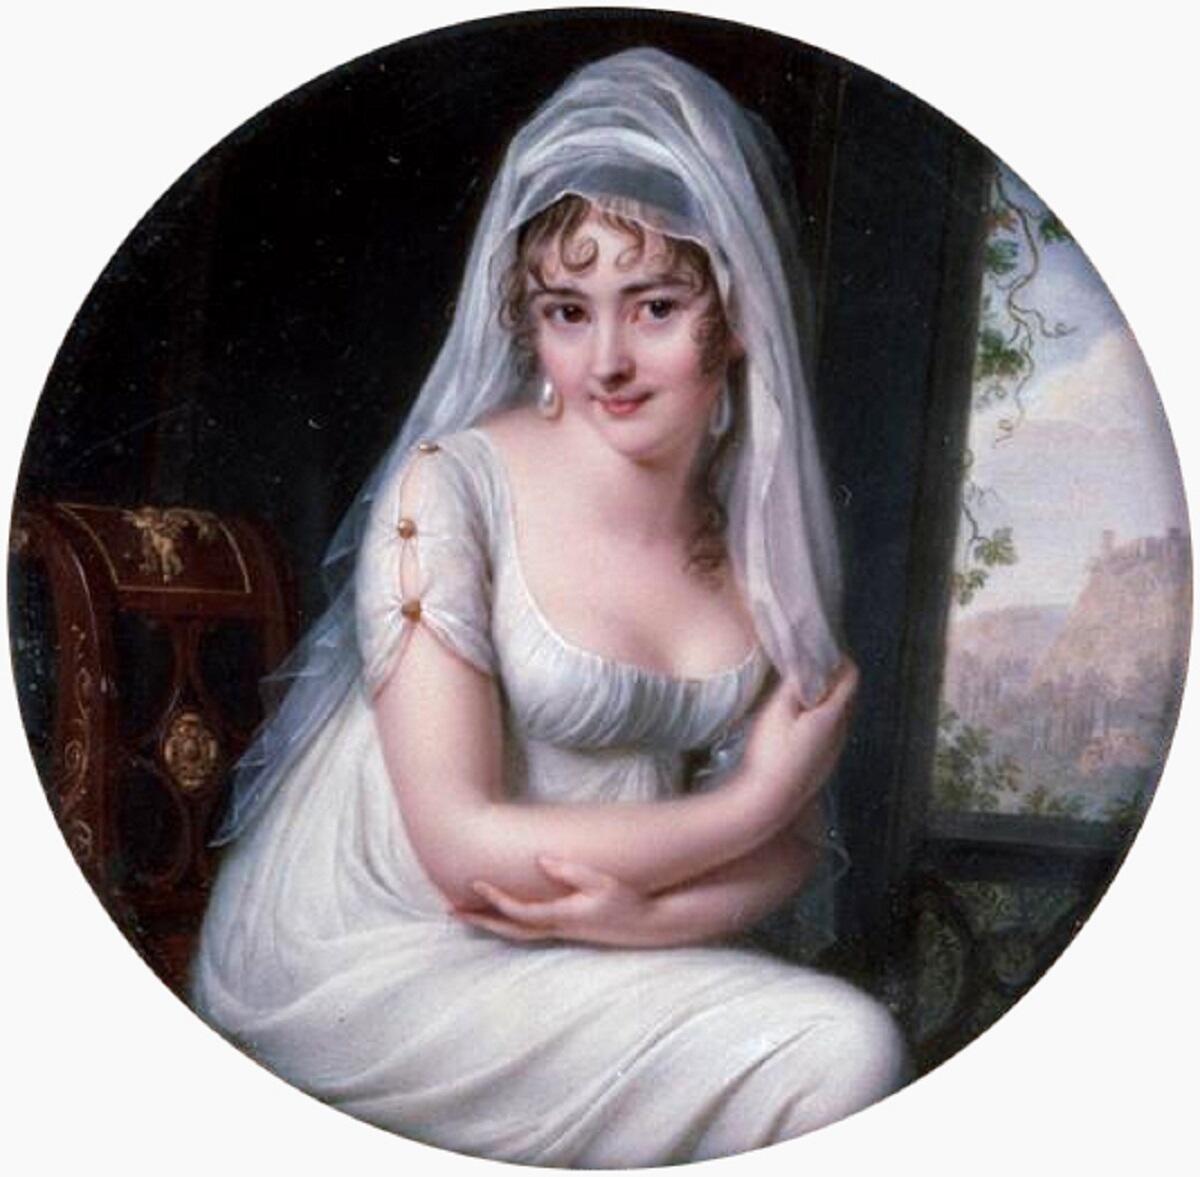 Жан Батист Жак Августин, «Портрет мадам Рекамье», 1801 г.